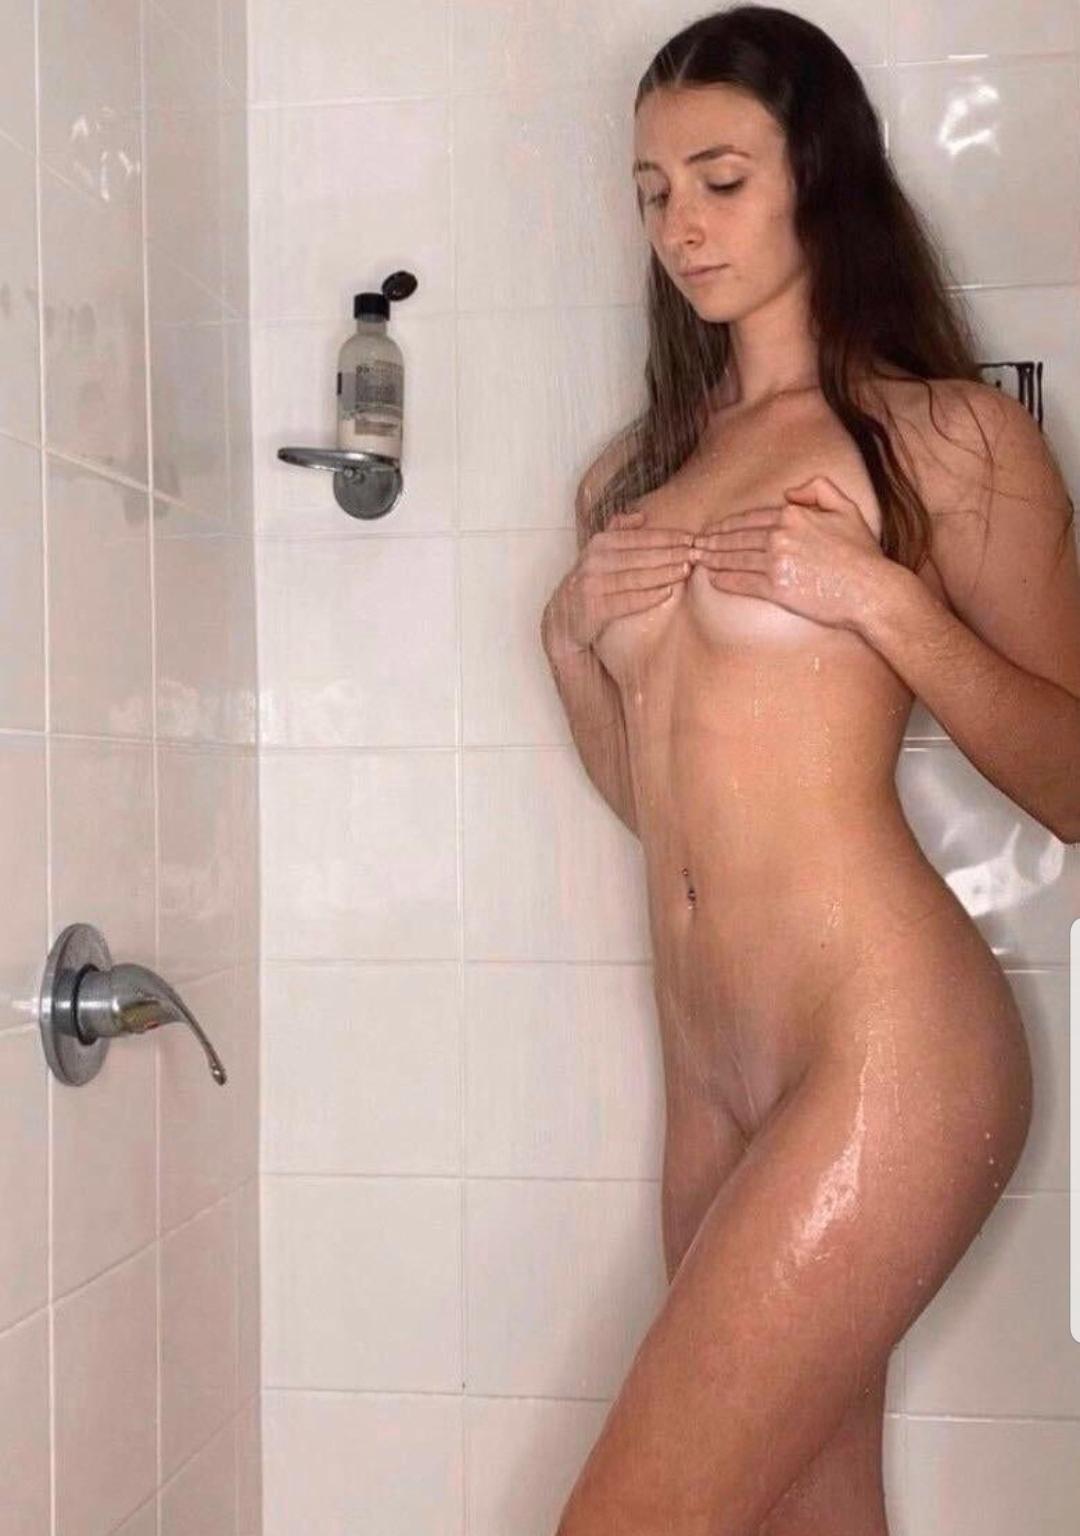 Naughty Nayah Nayah 66 Onlyfans Nudes Leaks 0022